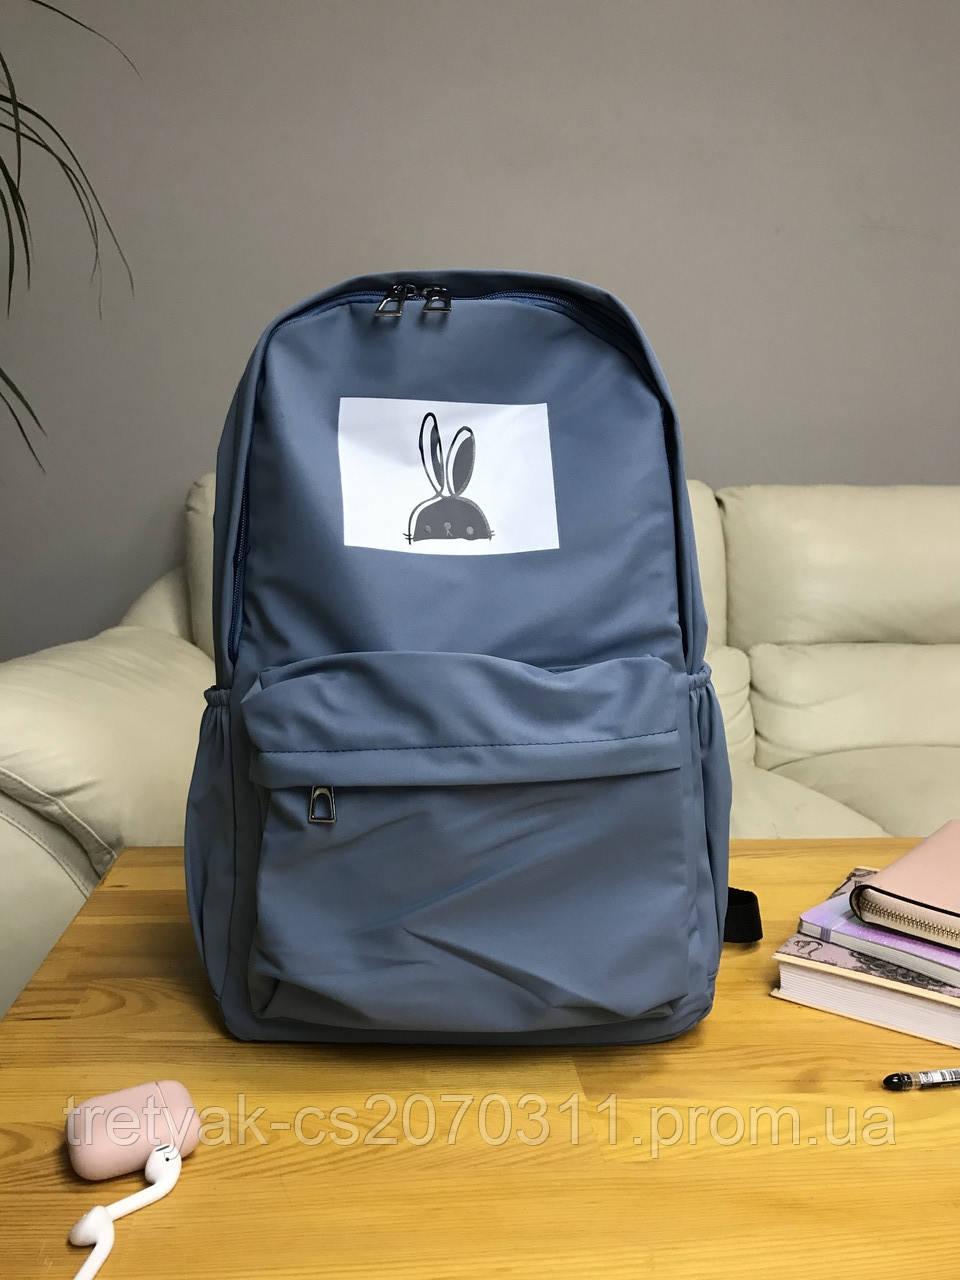 Рюкзак портфель женский синий (есть другие цвета)